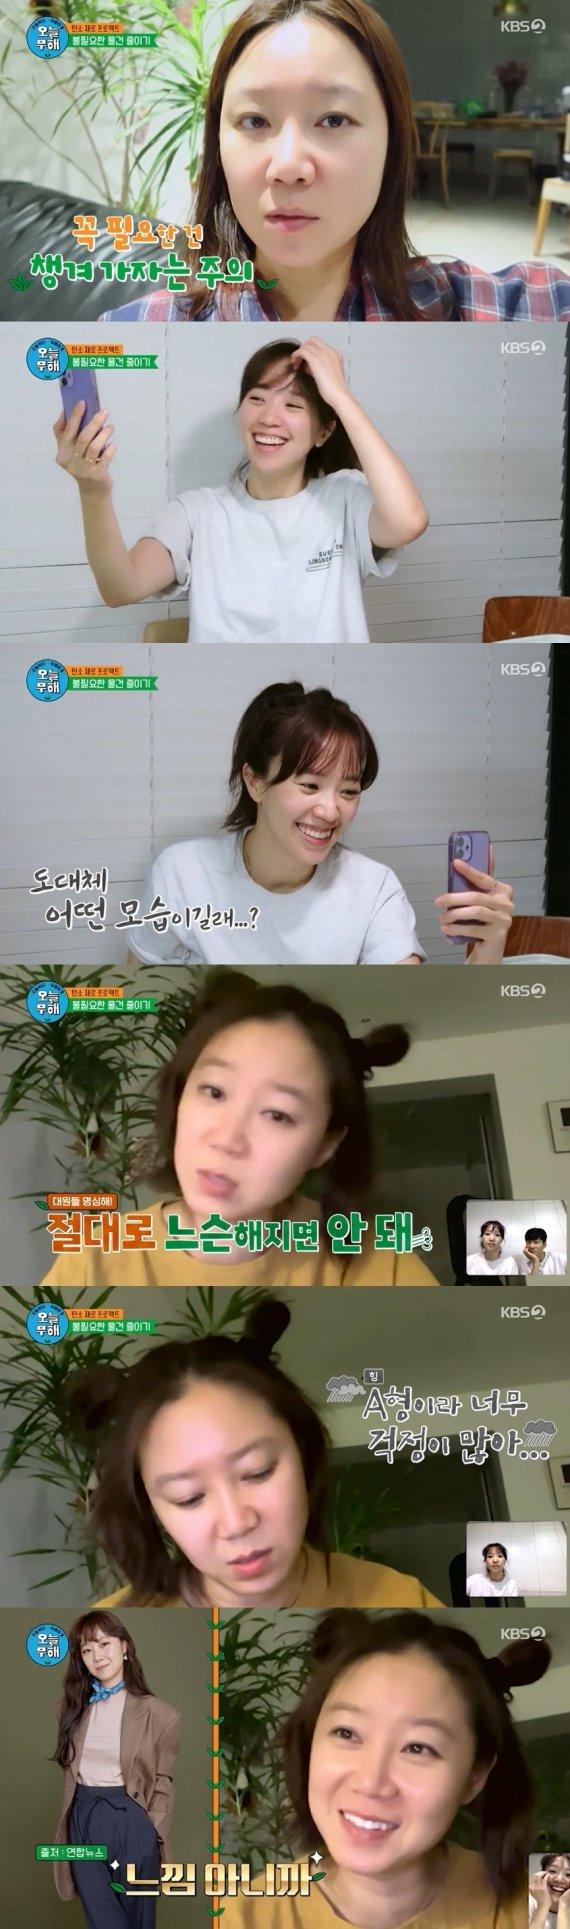 """공효진, 패셔니스타 인정? """"내가 나오면 다들 기대해"""" 너스레 [RE:TV]"""